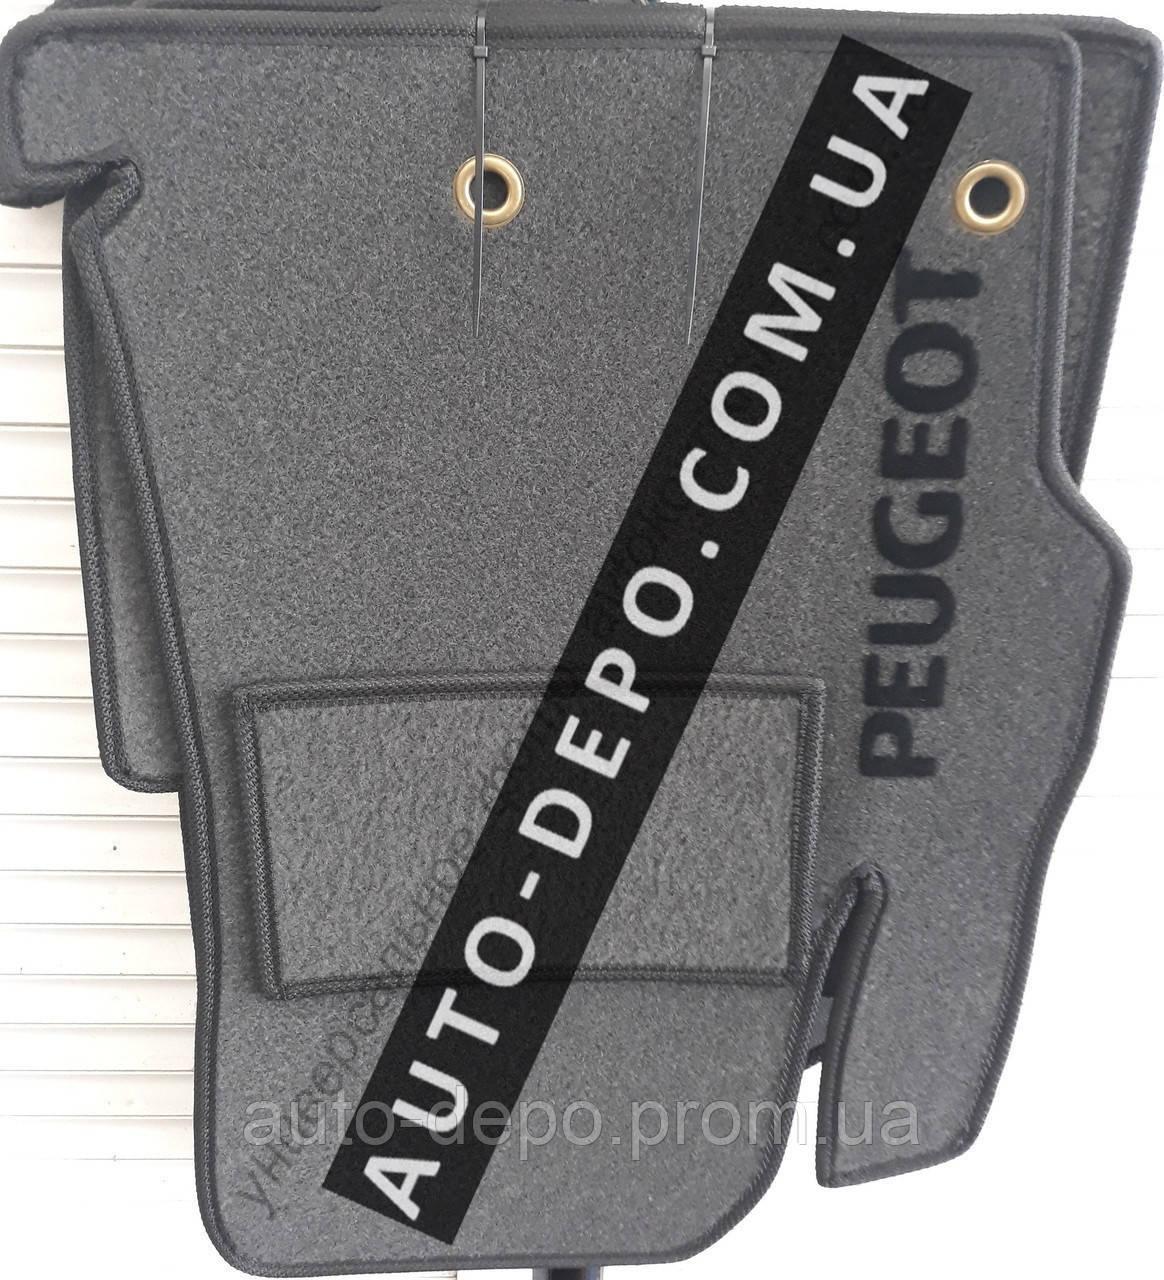 Ворсові килимки салону Peugeot Bipper 2008- (вантажівка) VIP ЛЮКС АВТО-ВОРС